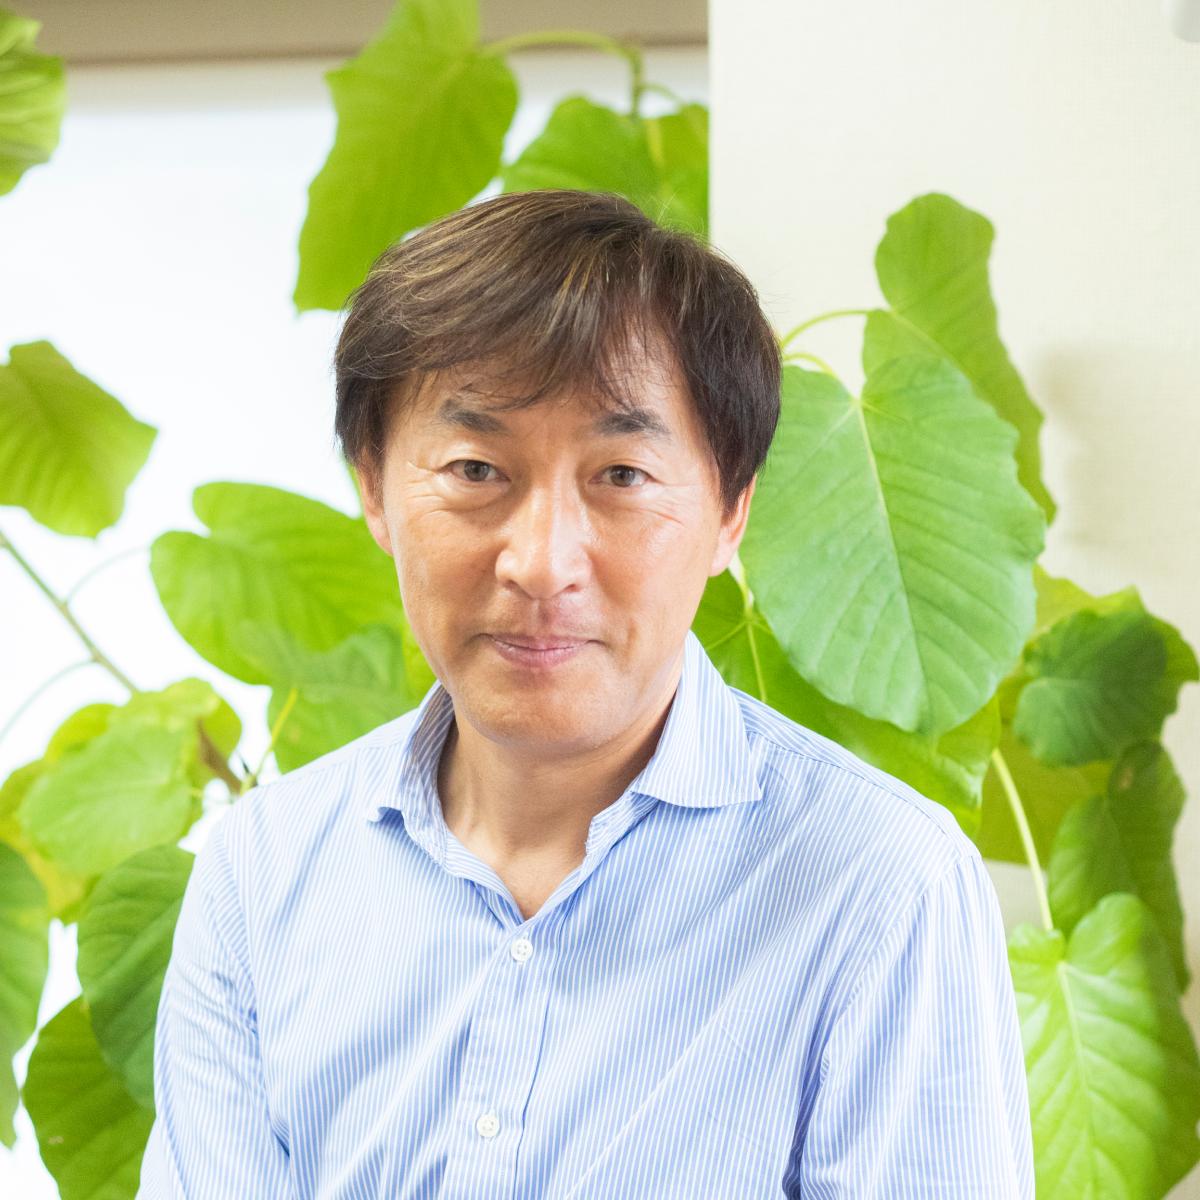 北村氏の顔写真